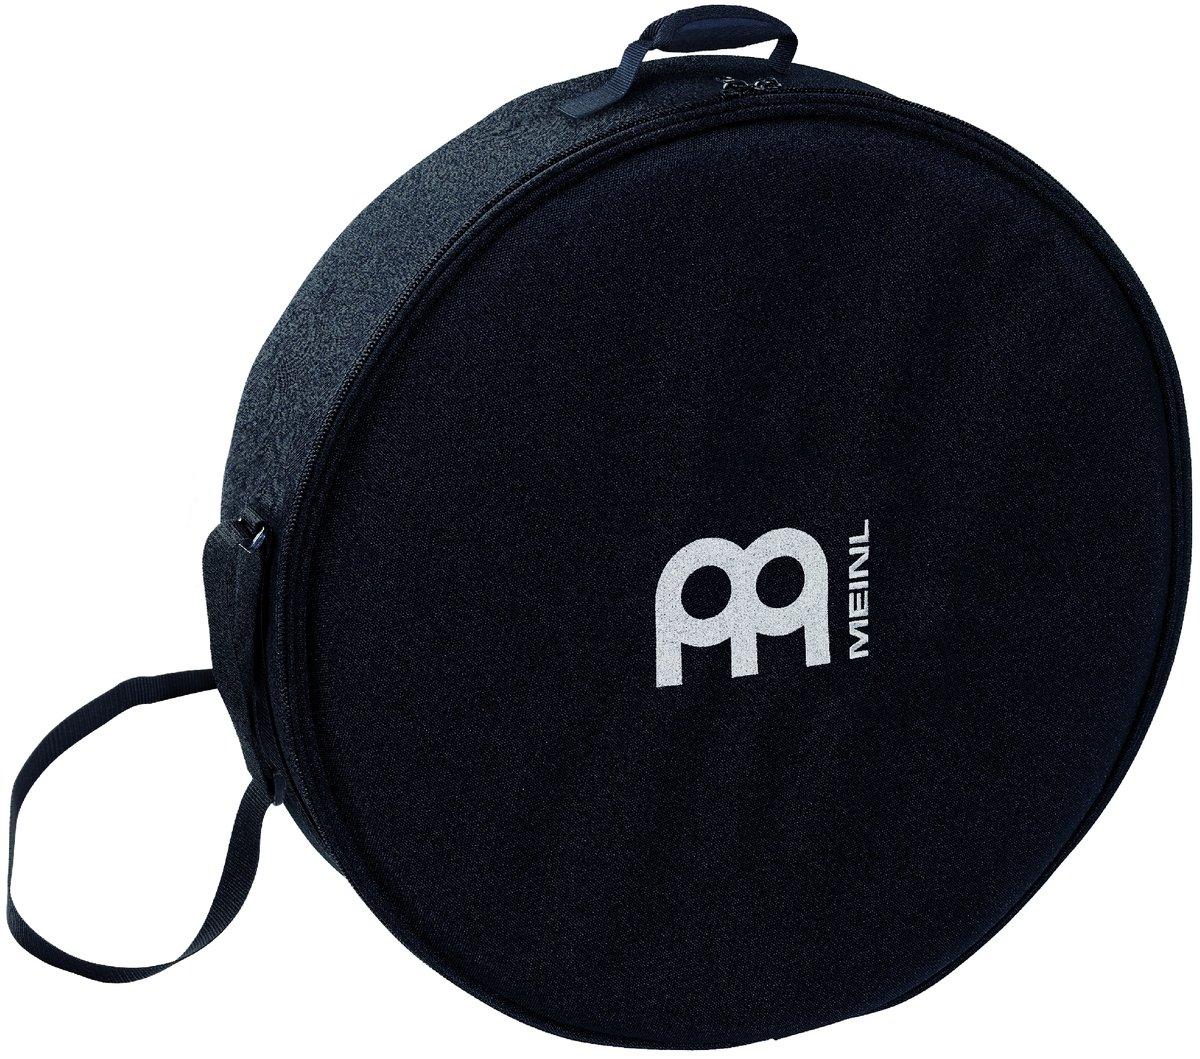 Meinl 18 inch x 2 1/2 inch Professional Frame Drum Bag MFDB-18